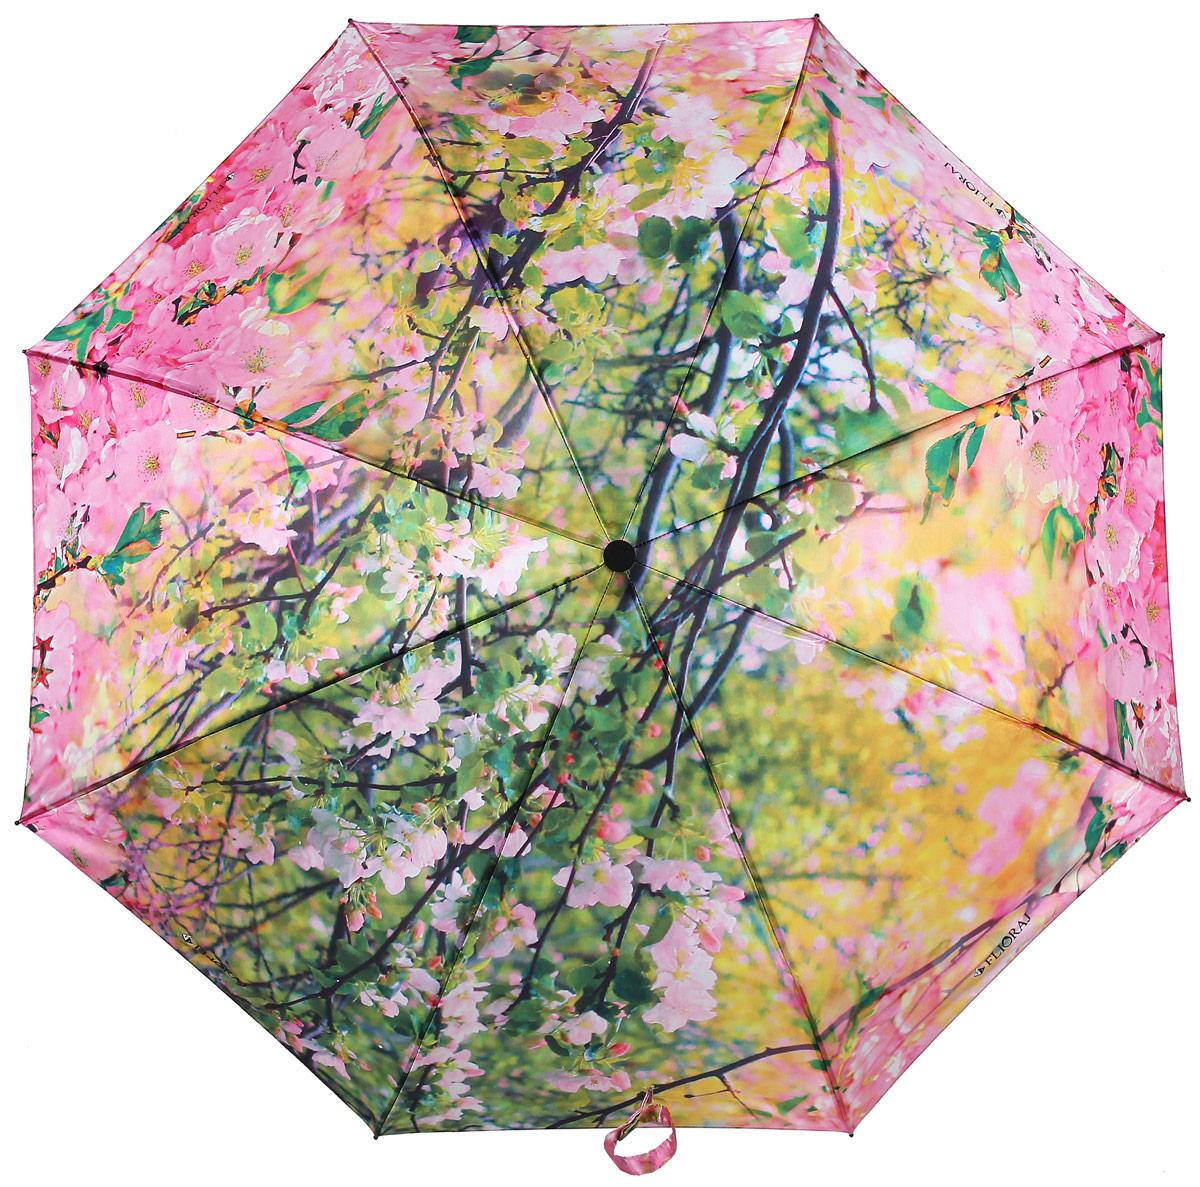 Зонт женский Flioraj, автомат, 3 сложения, цвет: розовый, желтый. 231216 FJ231216 FJЖенские зонты с нежным рисунком создадут весеннее настроение в любую непогоду! Уникальный каркас из анодированной стали, карбоновые спицы обеспечат надежную защиту даже при порывах ураганного ветра. Улучшенный механизм позволит быстро открыть, а потом сложить зонт.